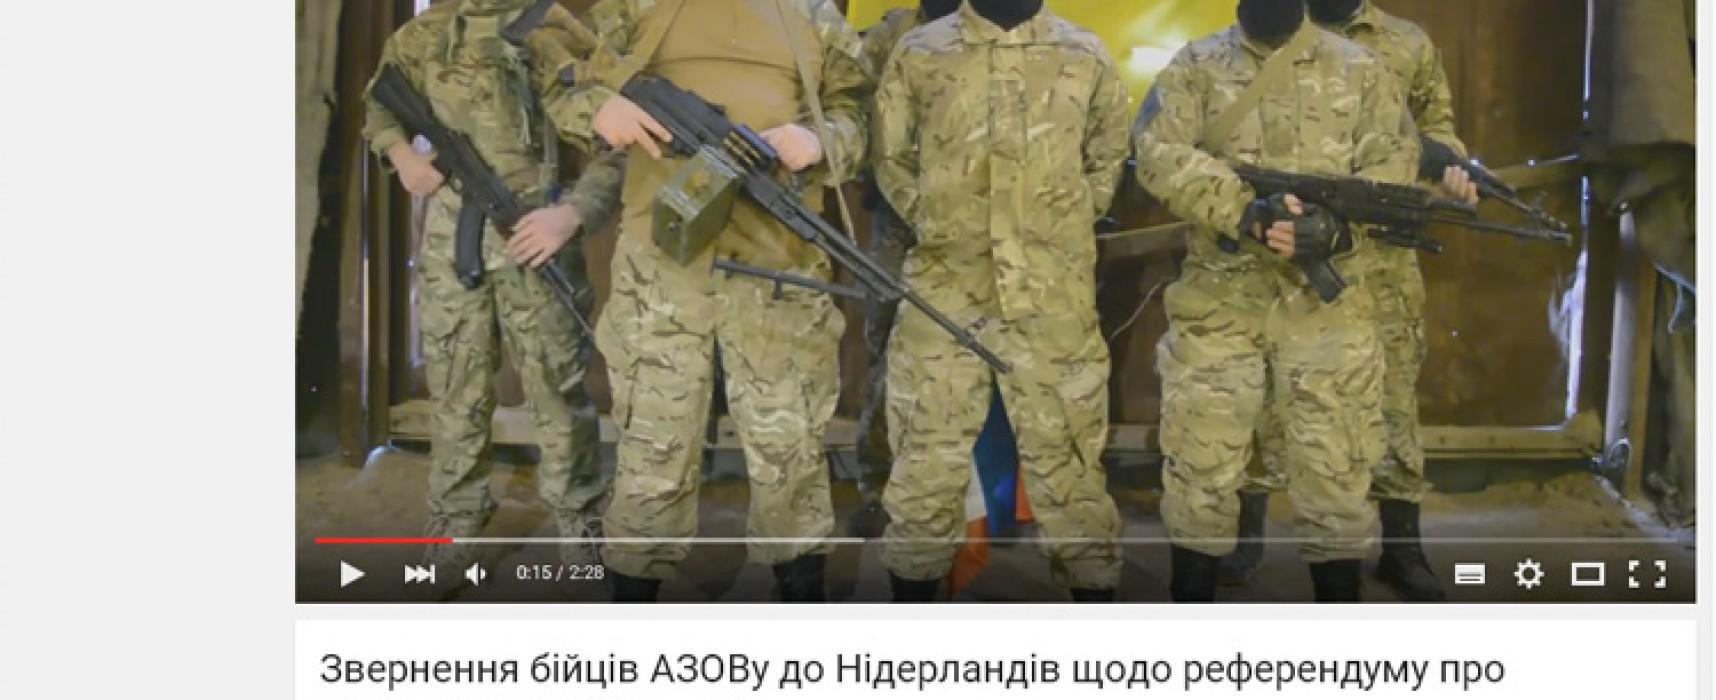 """Fake : Azov minaccia di """"distruggere i cittadini olandesi"""" se loro rifiuteranno il trattato di adesione dell'Ucraina"""